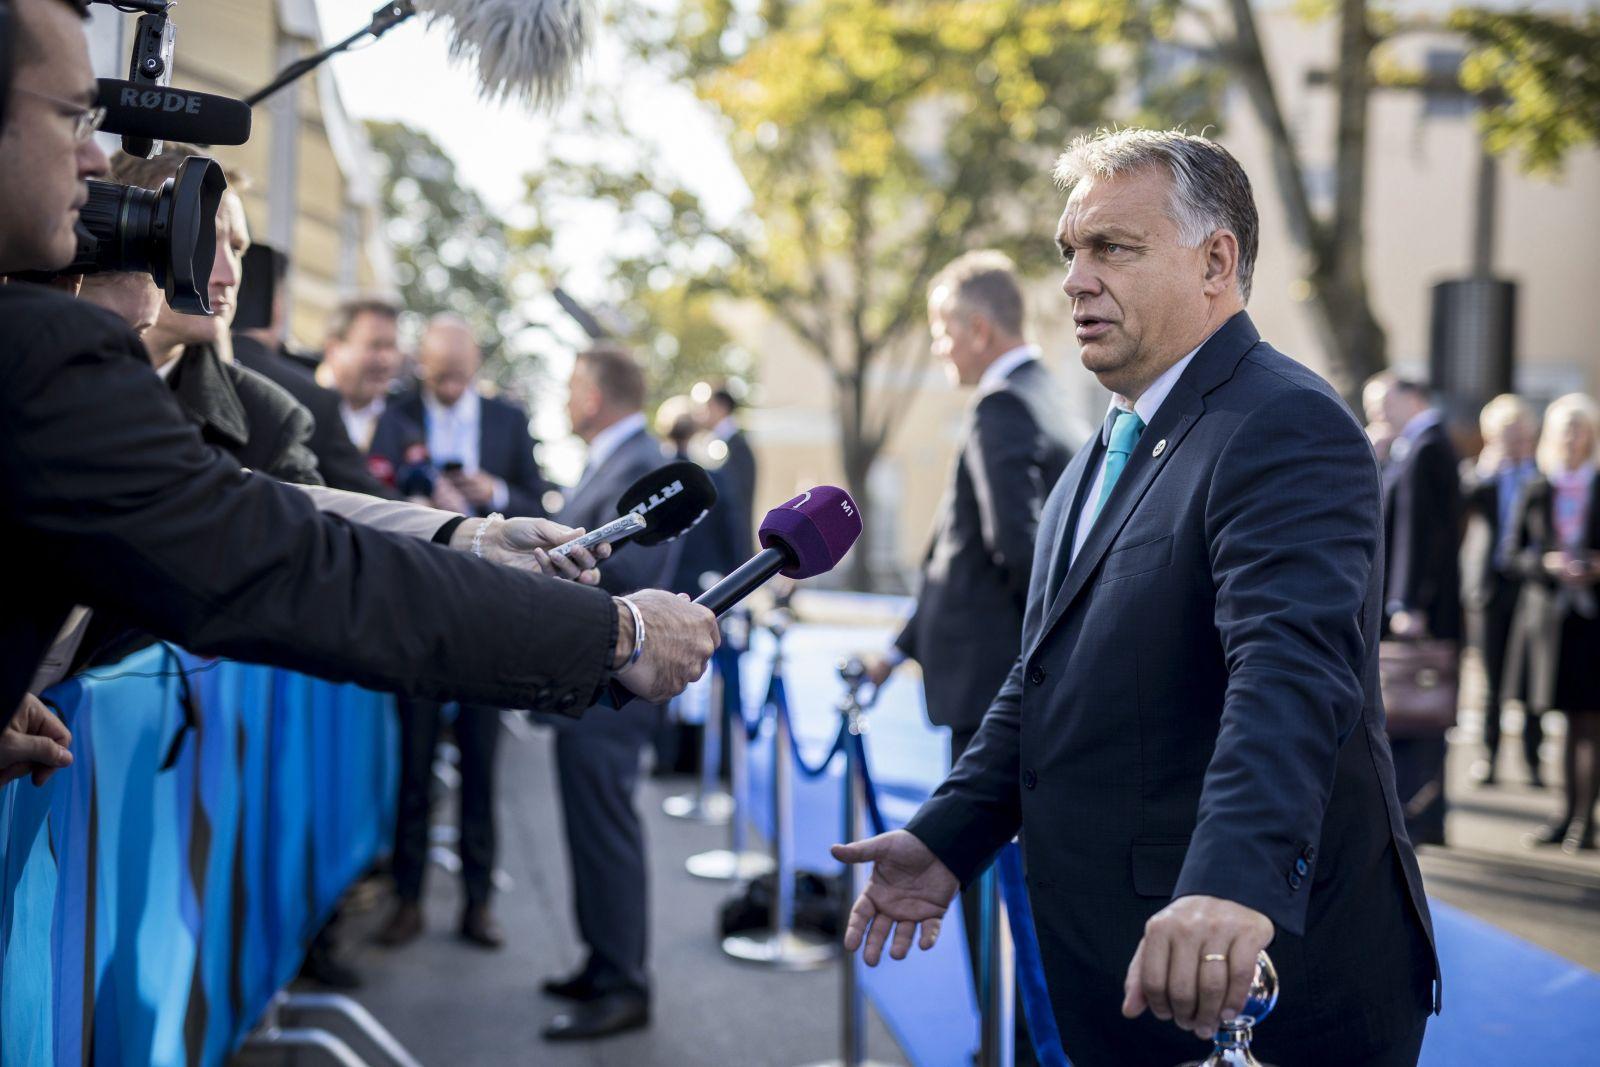 Fotó: Miniszterelnöki Sajtóiroda / Szecsődi Balázs